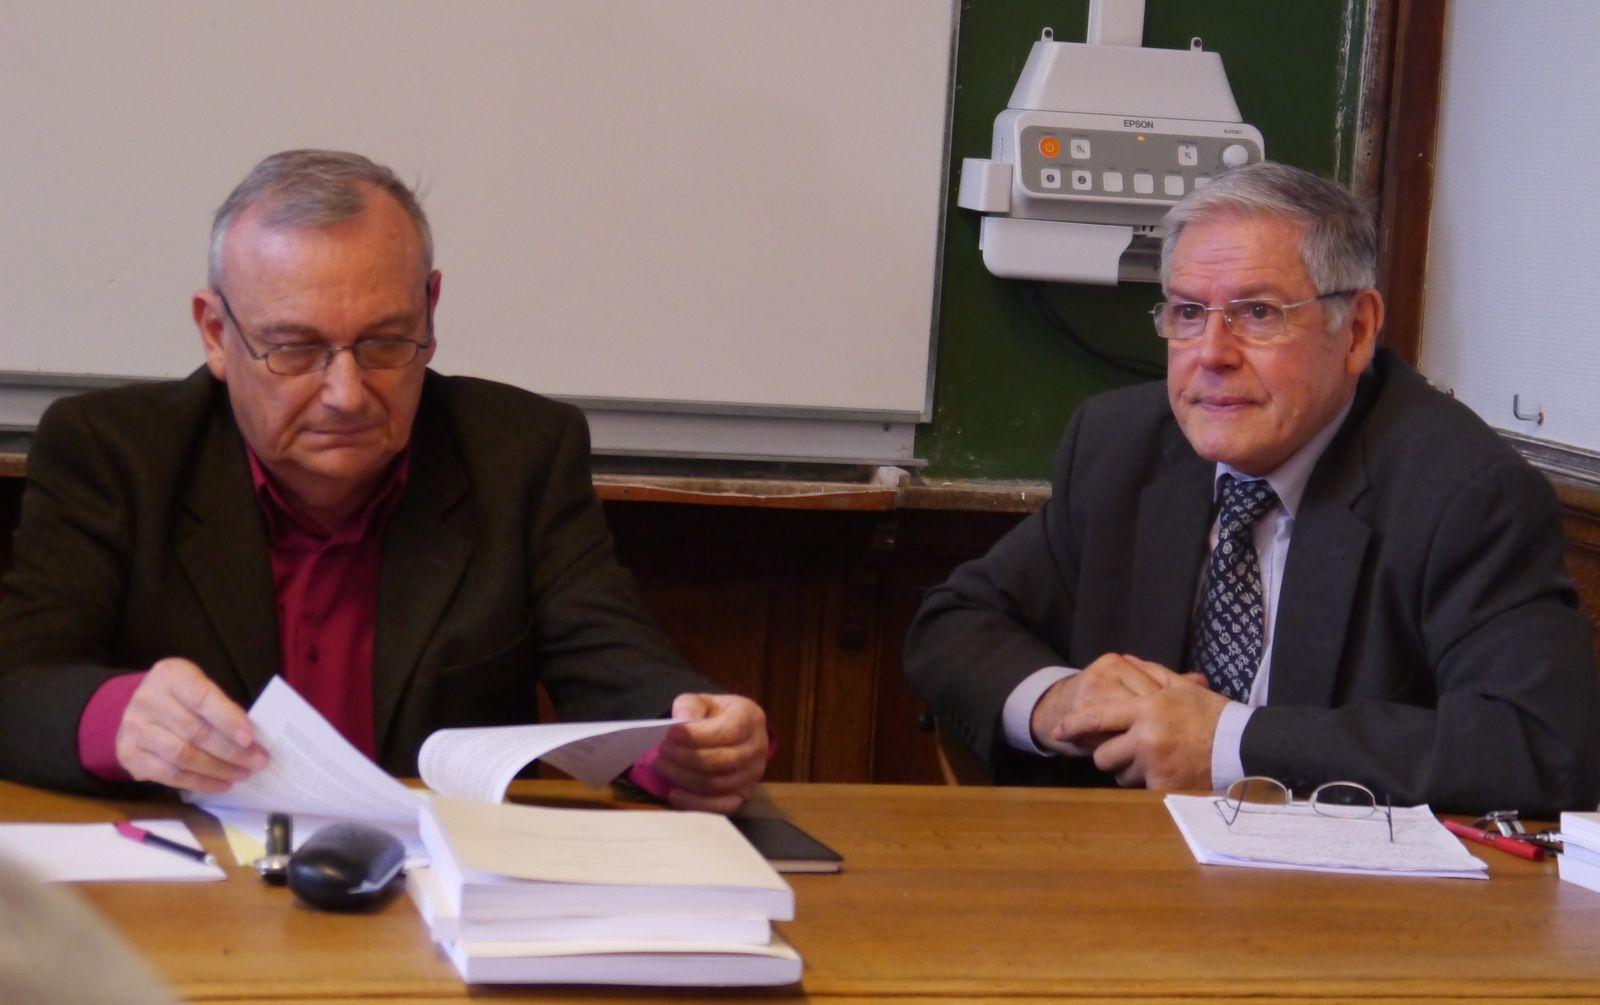 Sorbonne, 15 nov. 2014, soutenance d'HDR de madame la Présidente de la Société Française d'Ethnoscénologie (SOFETH)